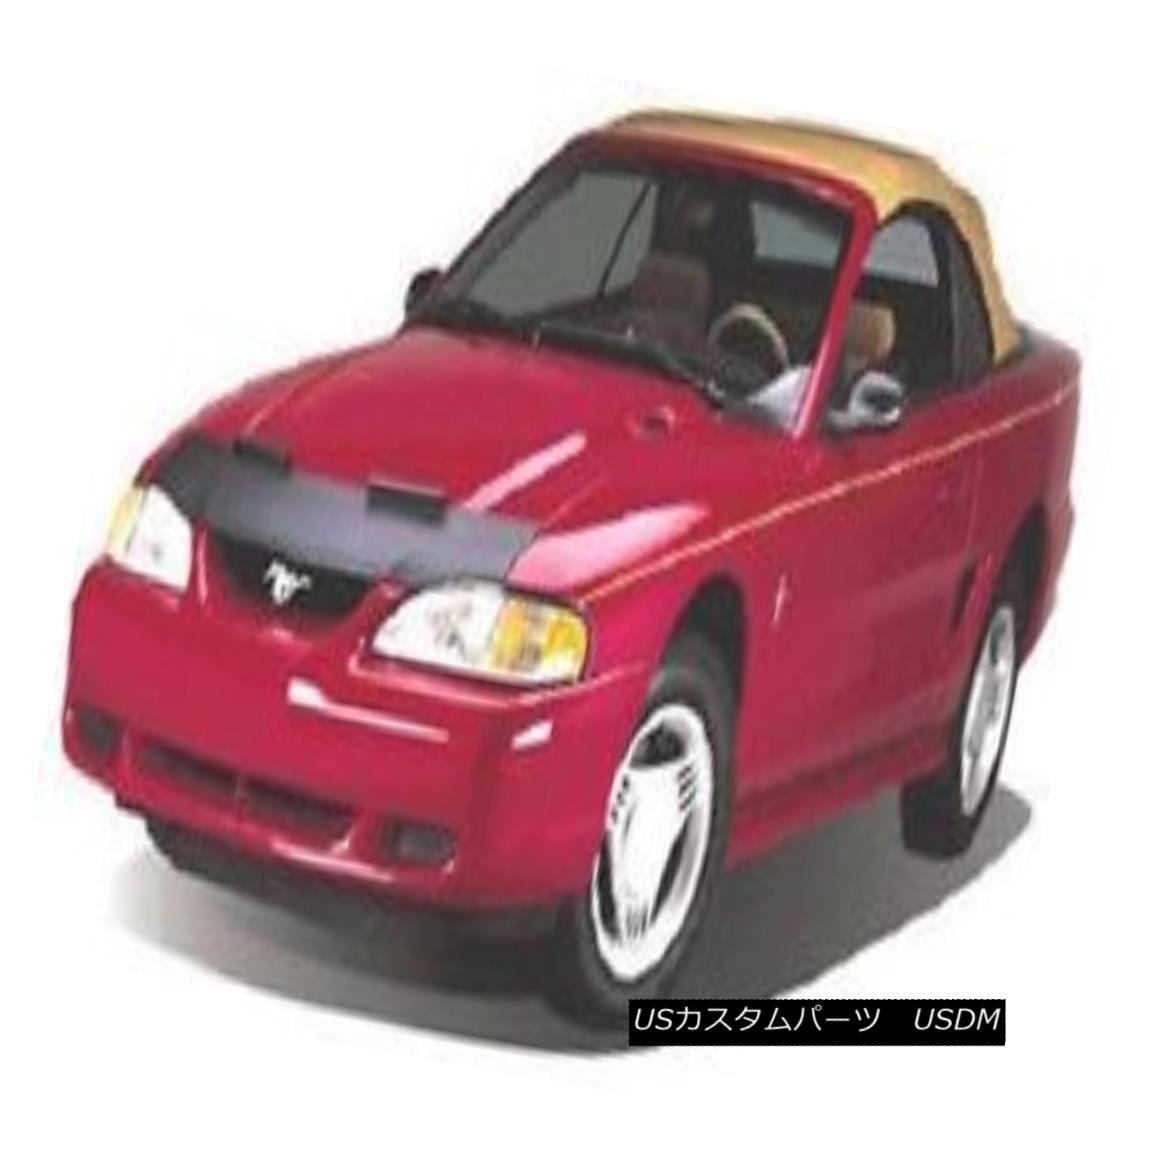 フルブラ ノーズブラ Mini Mask Bra Hood Protector Fits Ford Escort (Except GT) 1991-1996 ミニマスクブラジャーフードプロテクターはフォードエスコートに適合(GTを除く)1991-1996